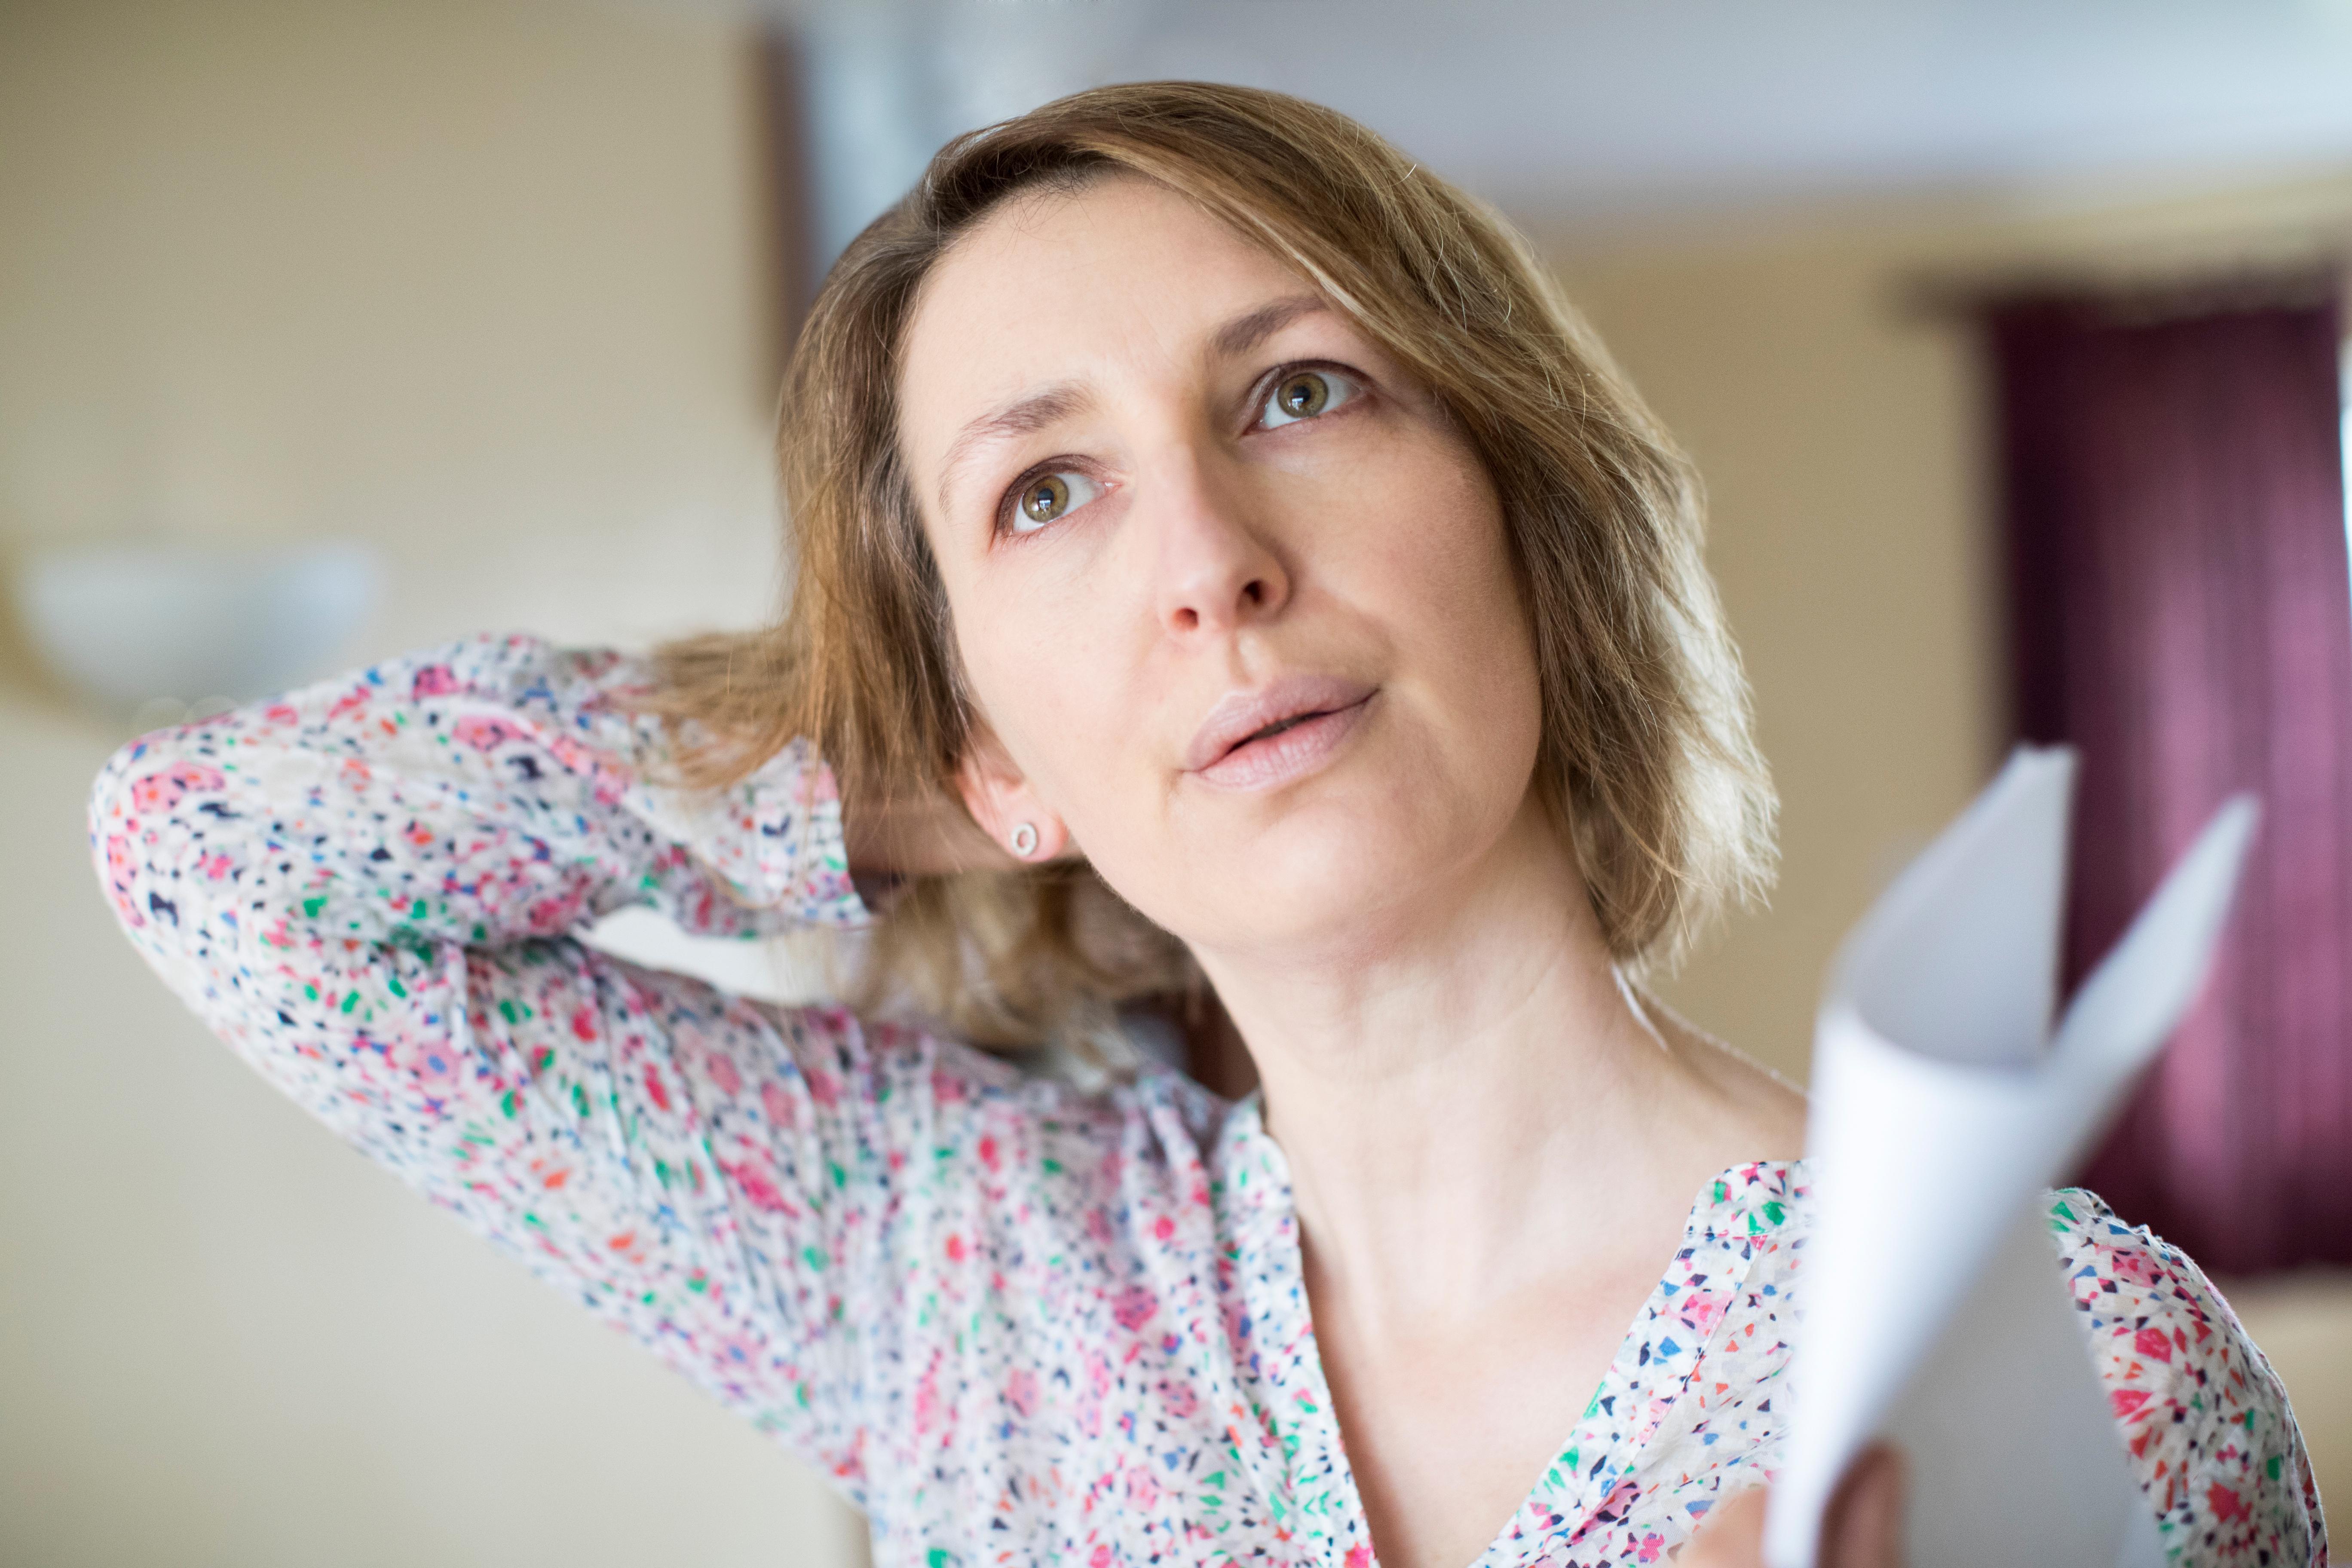 Vissa kvinnor får så pass svåra svettningar att de vaknar på natten alldeles genomblöta medan andra inte besväras alls.